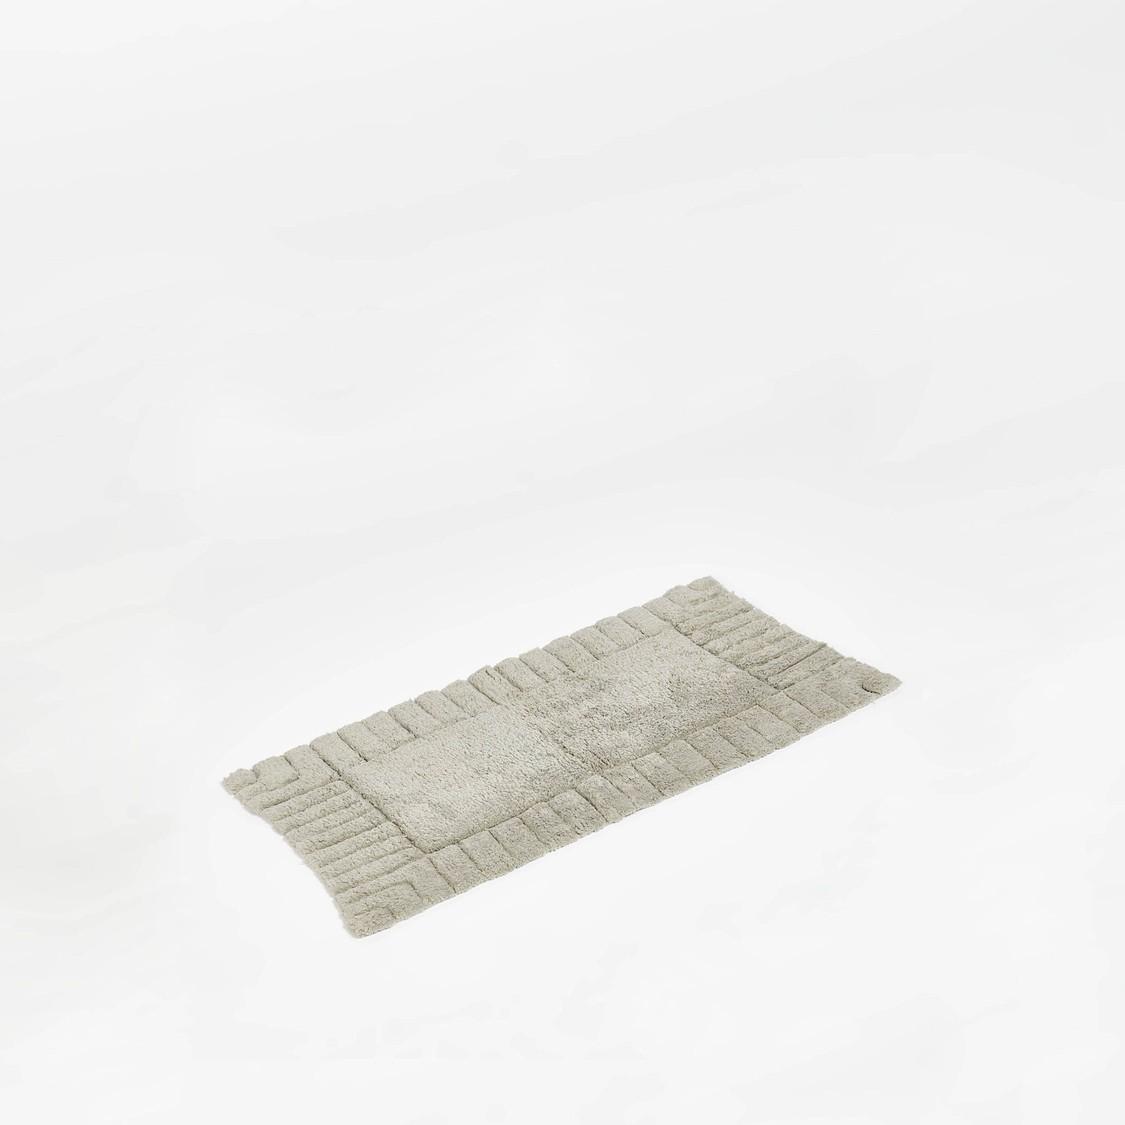 سجادة حمام بارزة الملمس - 80x50 سم